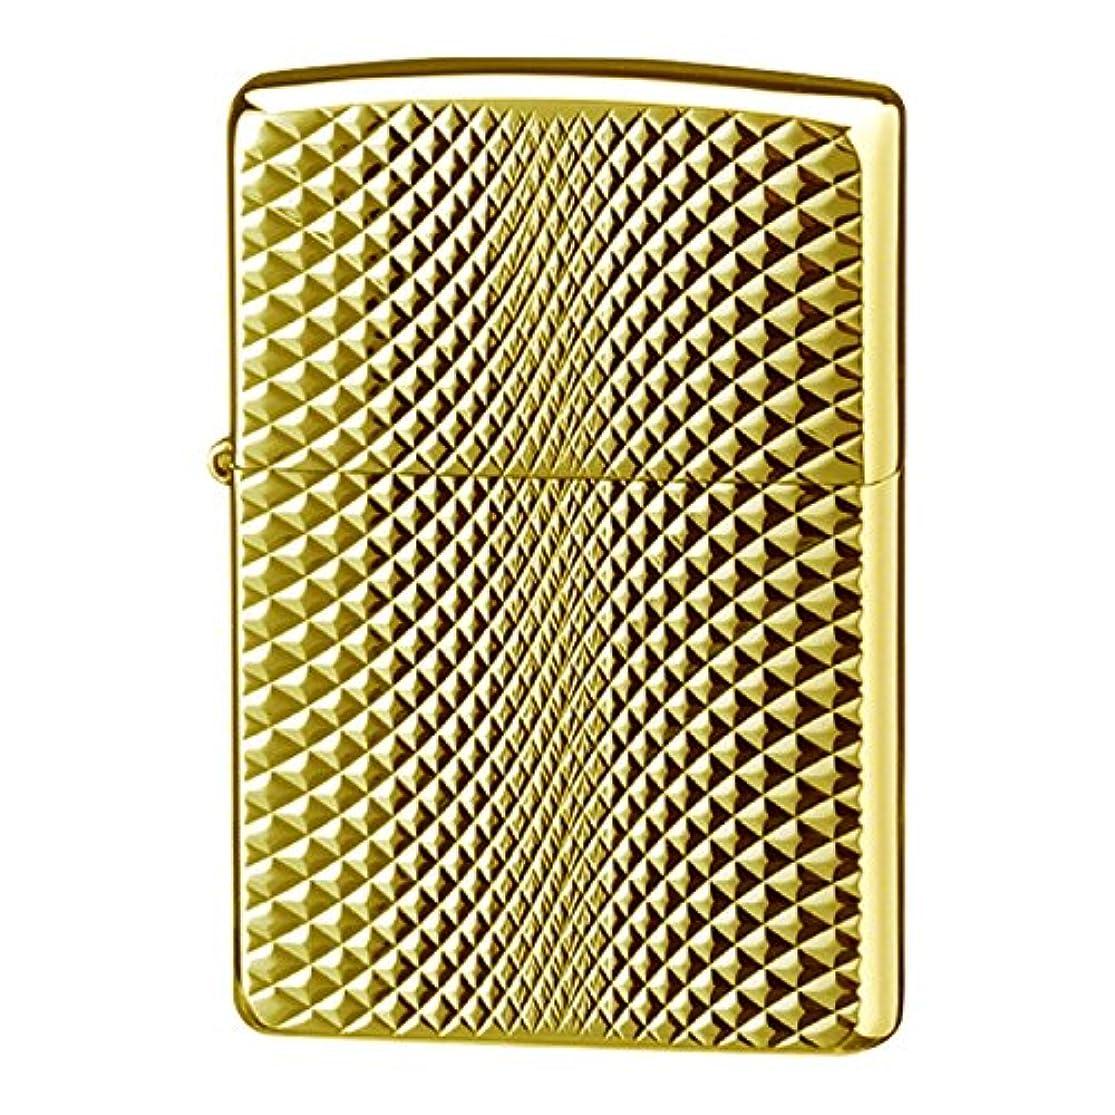 咳迅速侵略Zippo ジッポー Zippoライター ジッポライター 200 オイルライター ダイヤモンドカット ゴールド A 2EG-2D/C A